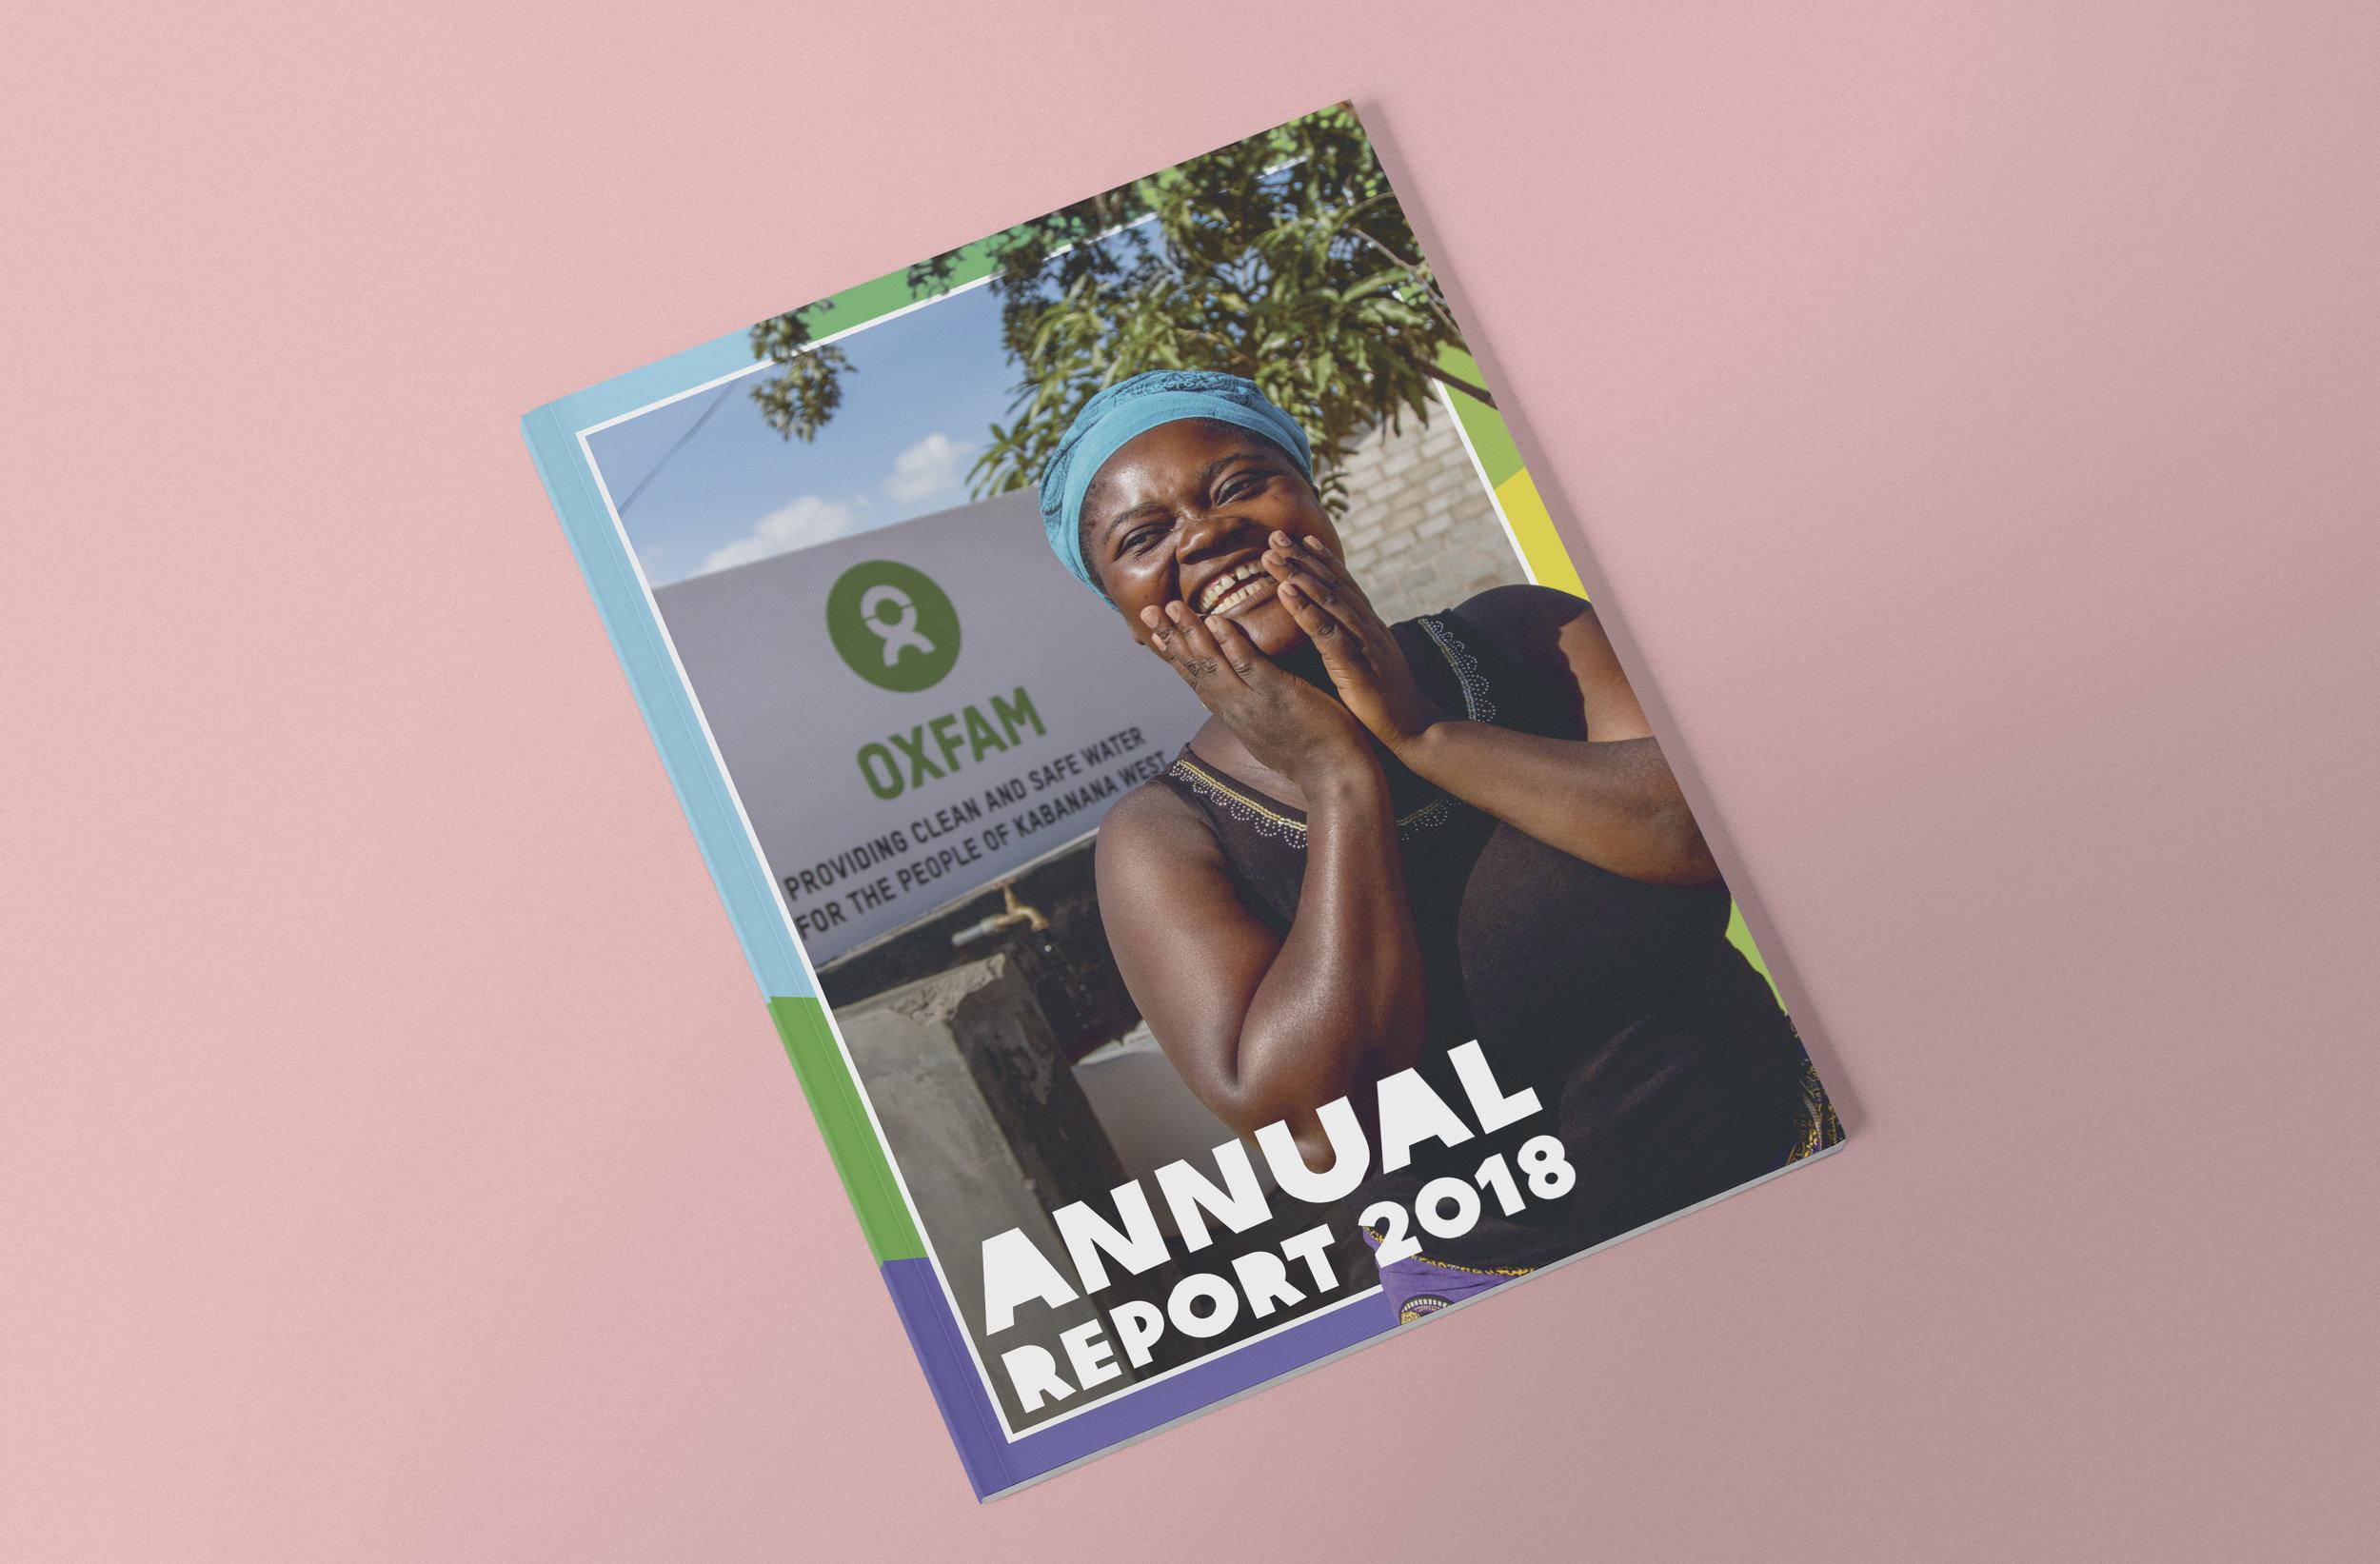 Oxfam Australia annual report 2018